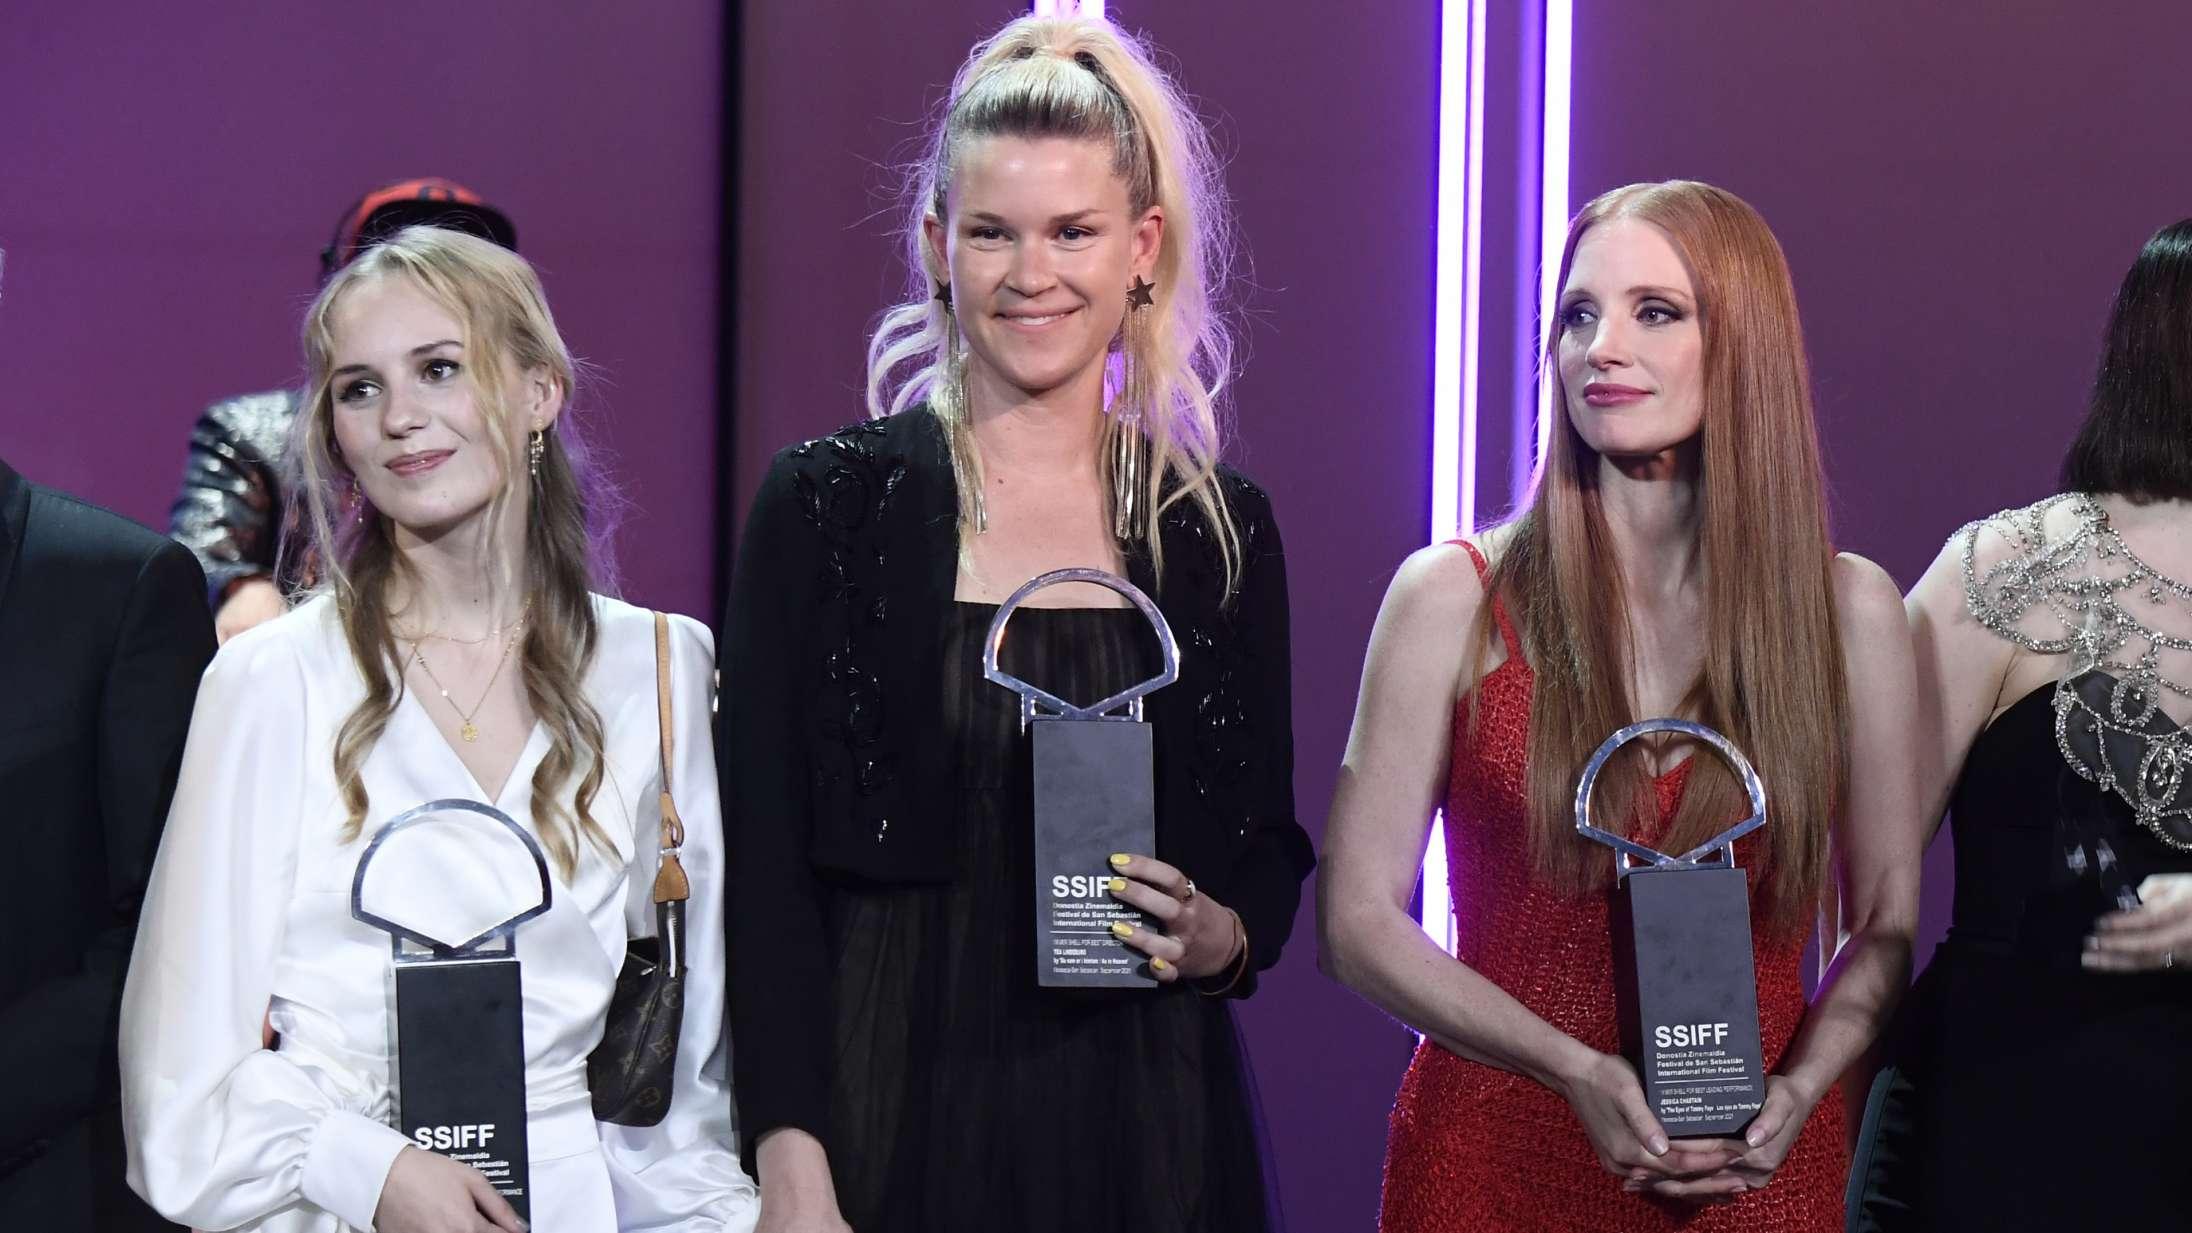 Dansk stortalent vinder fornem international skuespillerpris som den yngste nogensinde